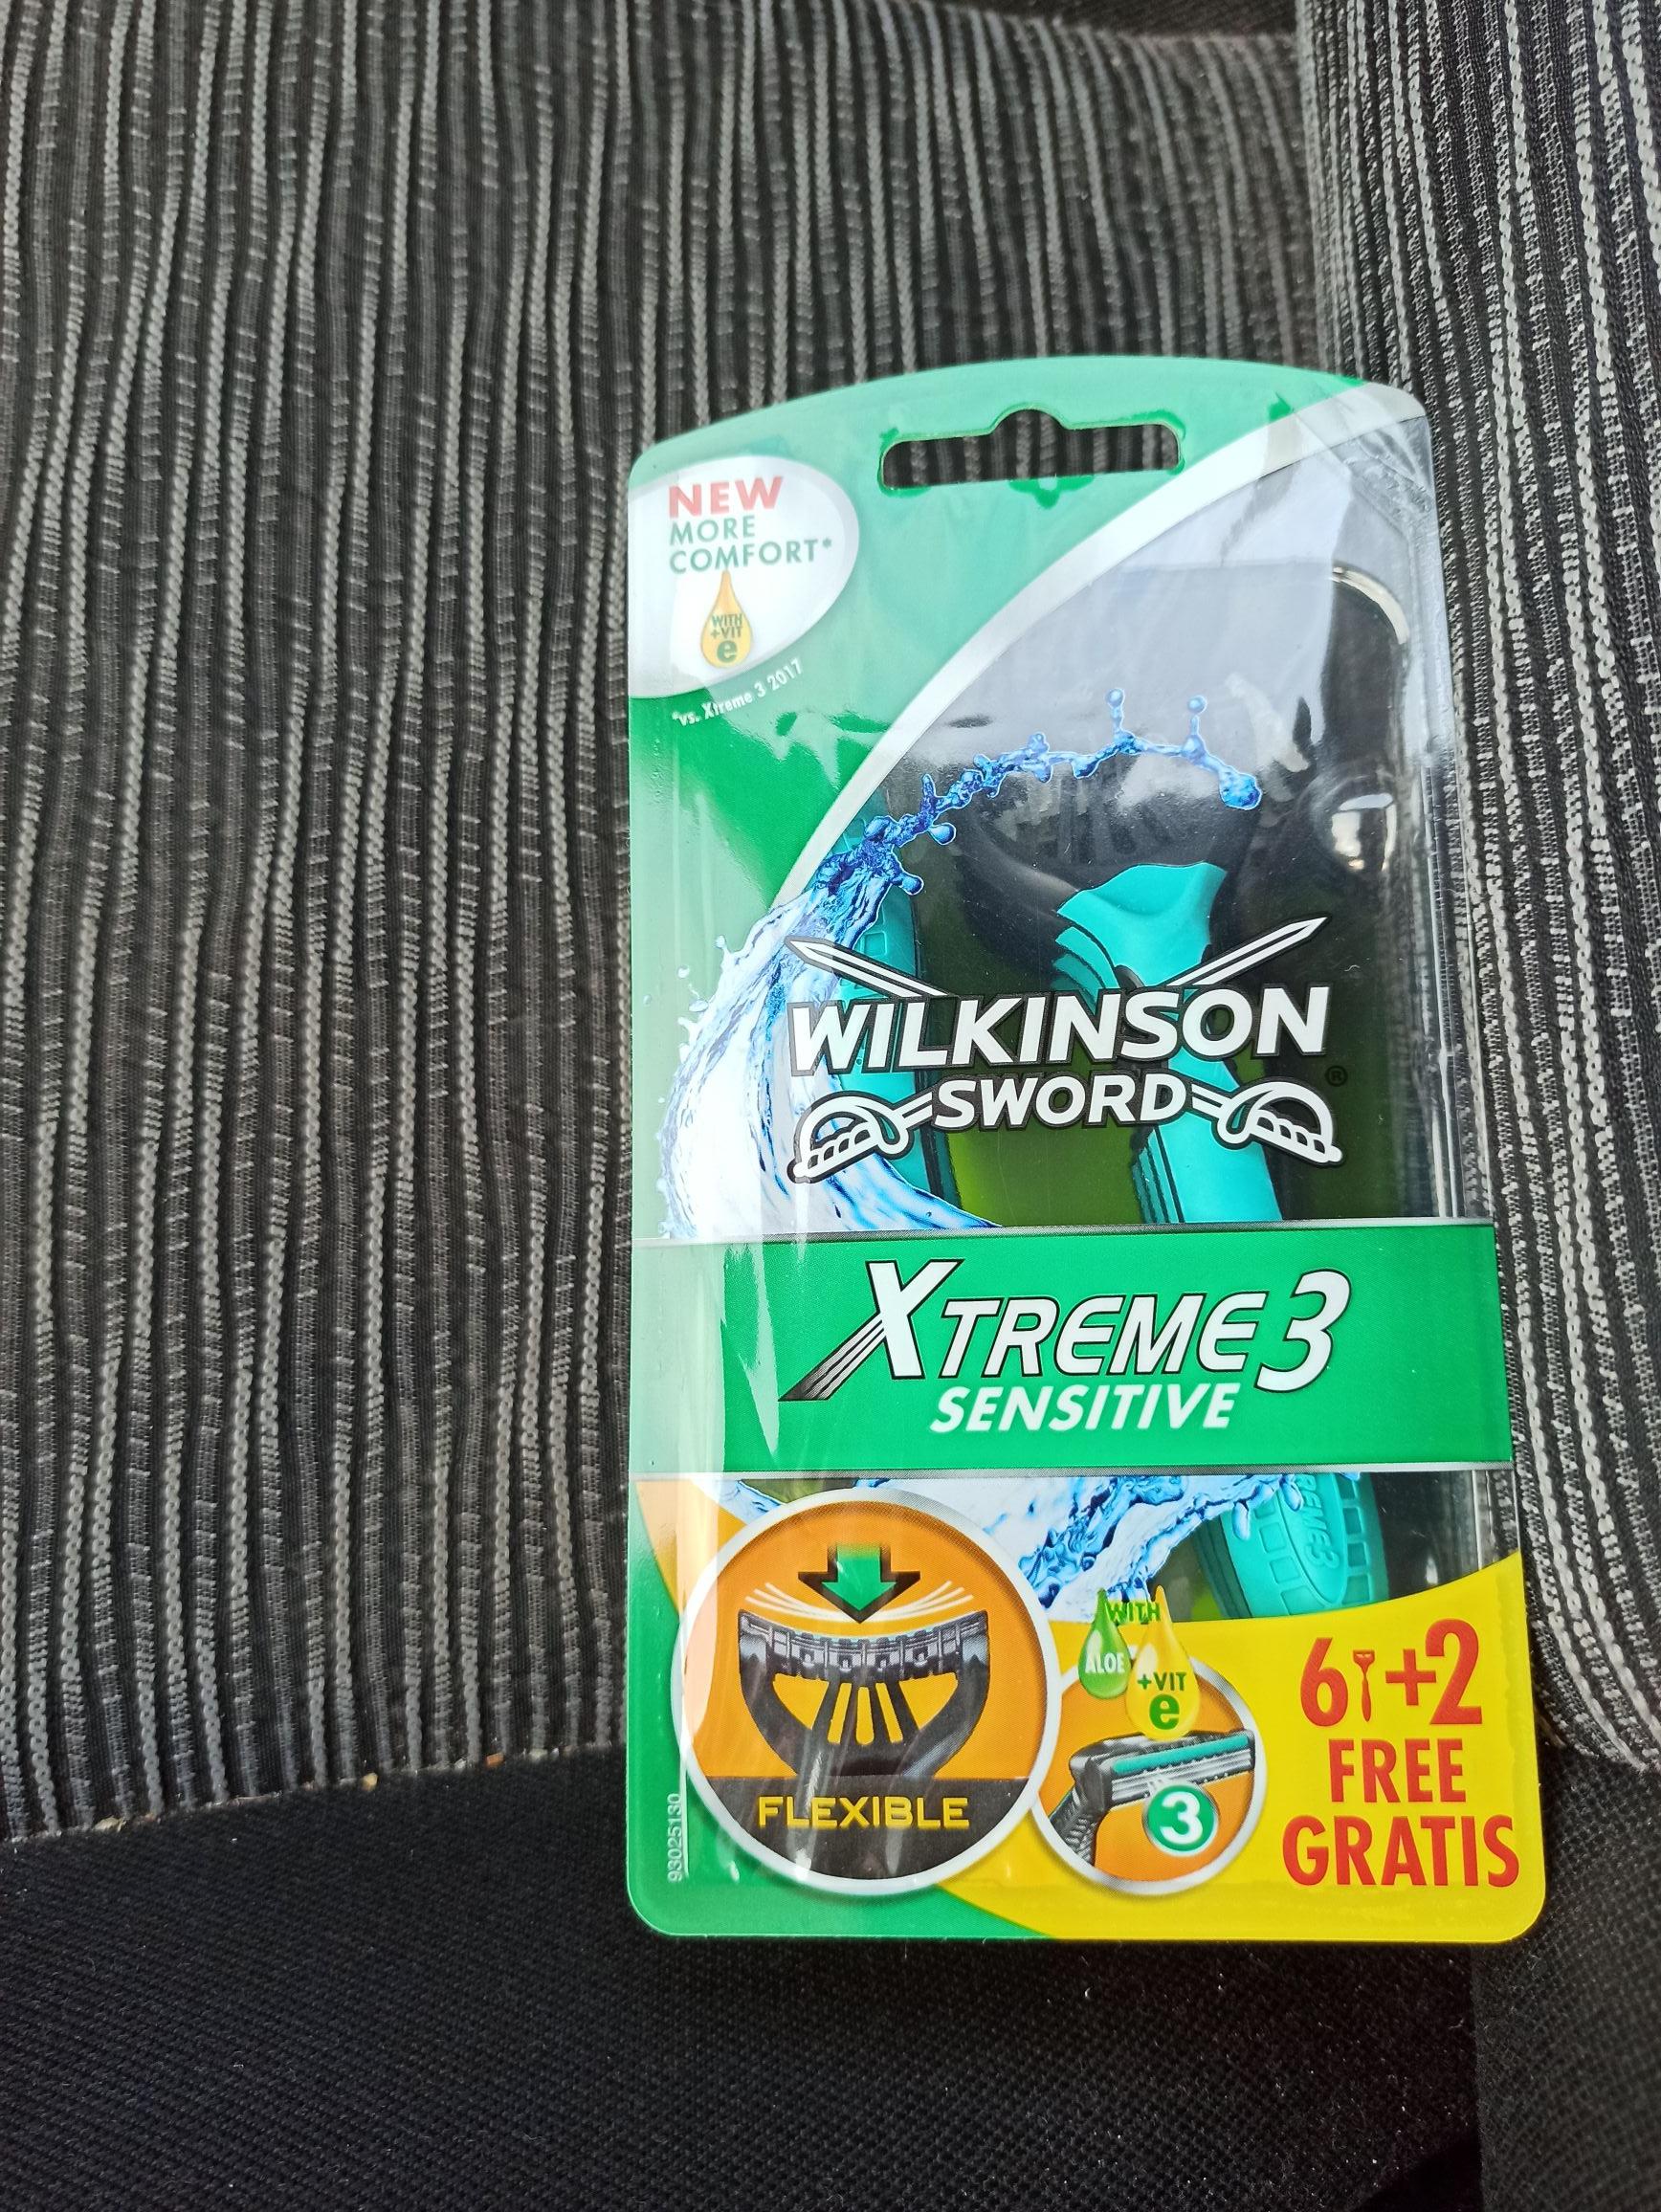 Maszynki wilkinson xtreme 3 sensitive 8 szt. w lidlu za 13.99zl